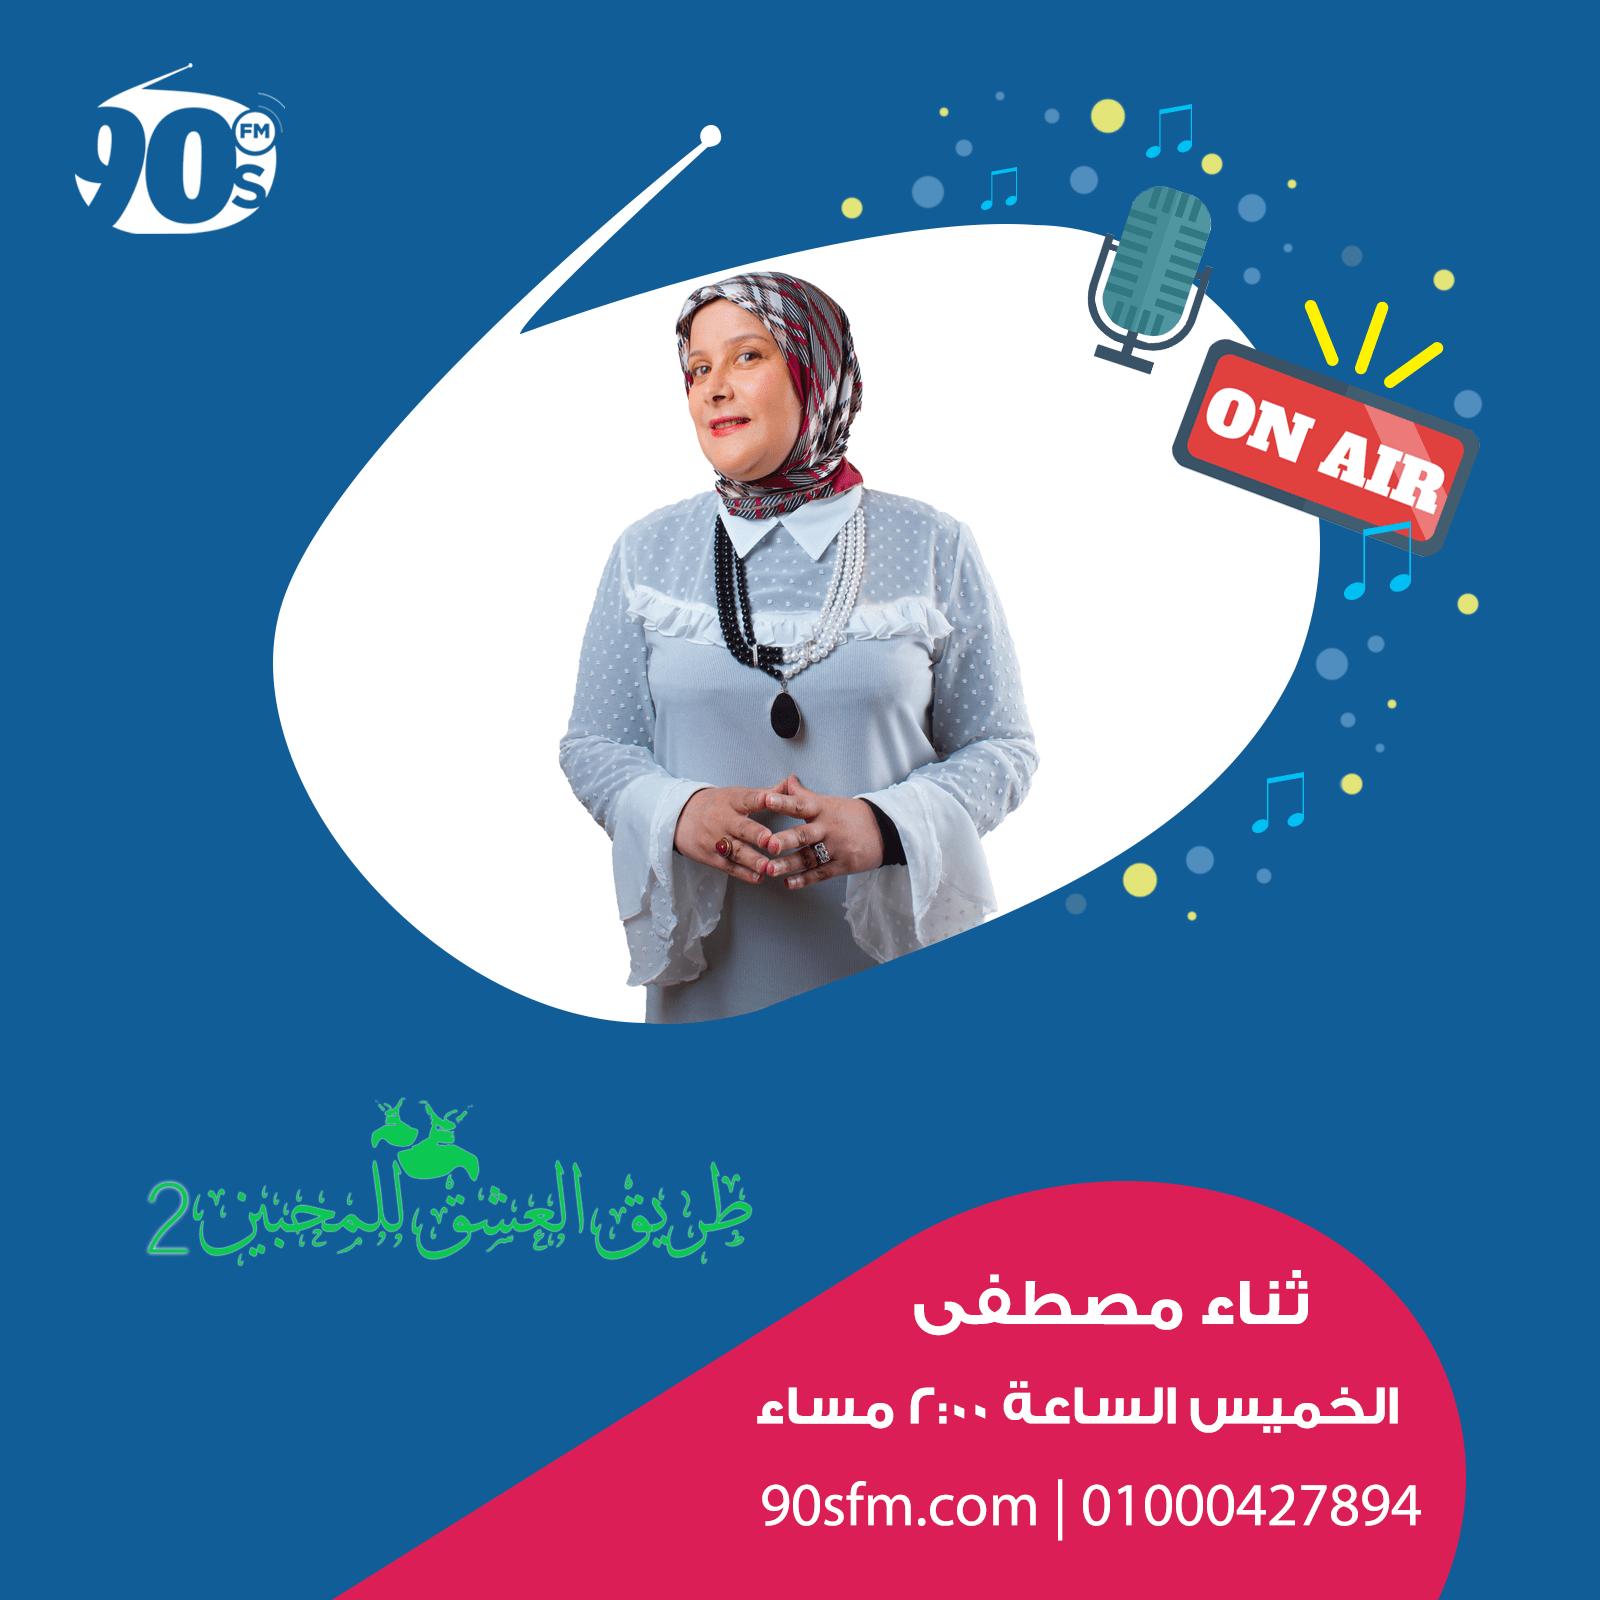 برنامج طريق العشق للمحبين 2 | ثناء مصطفى